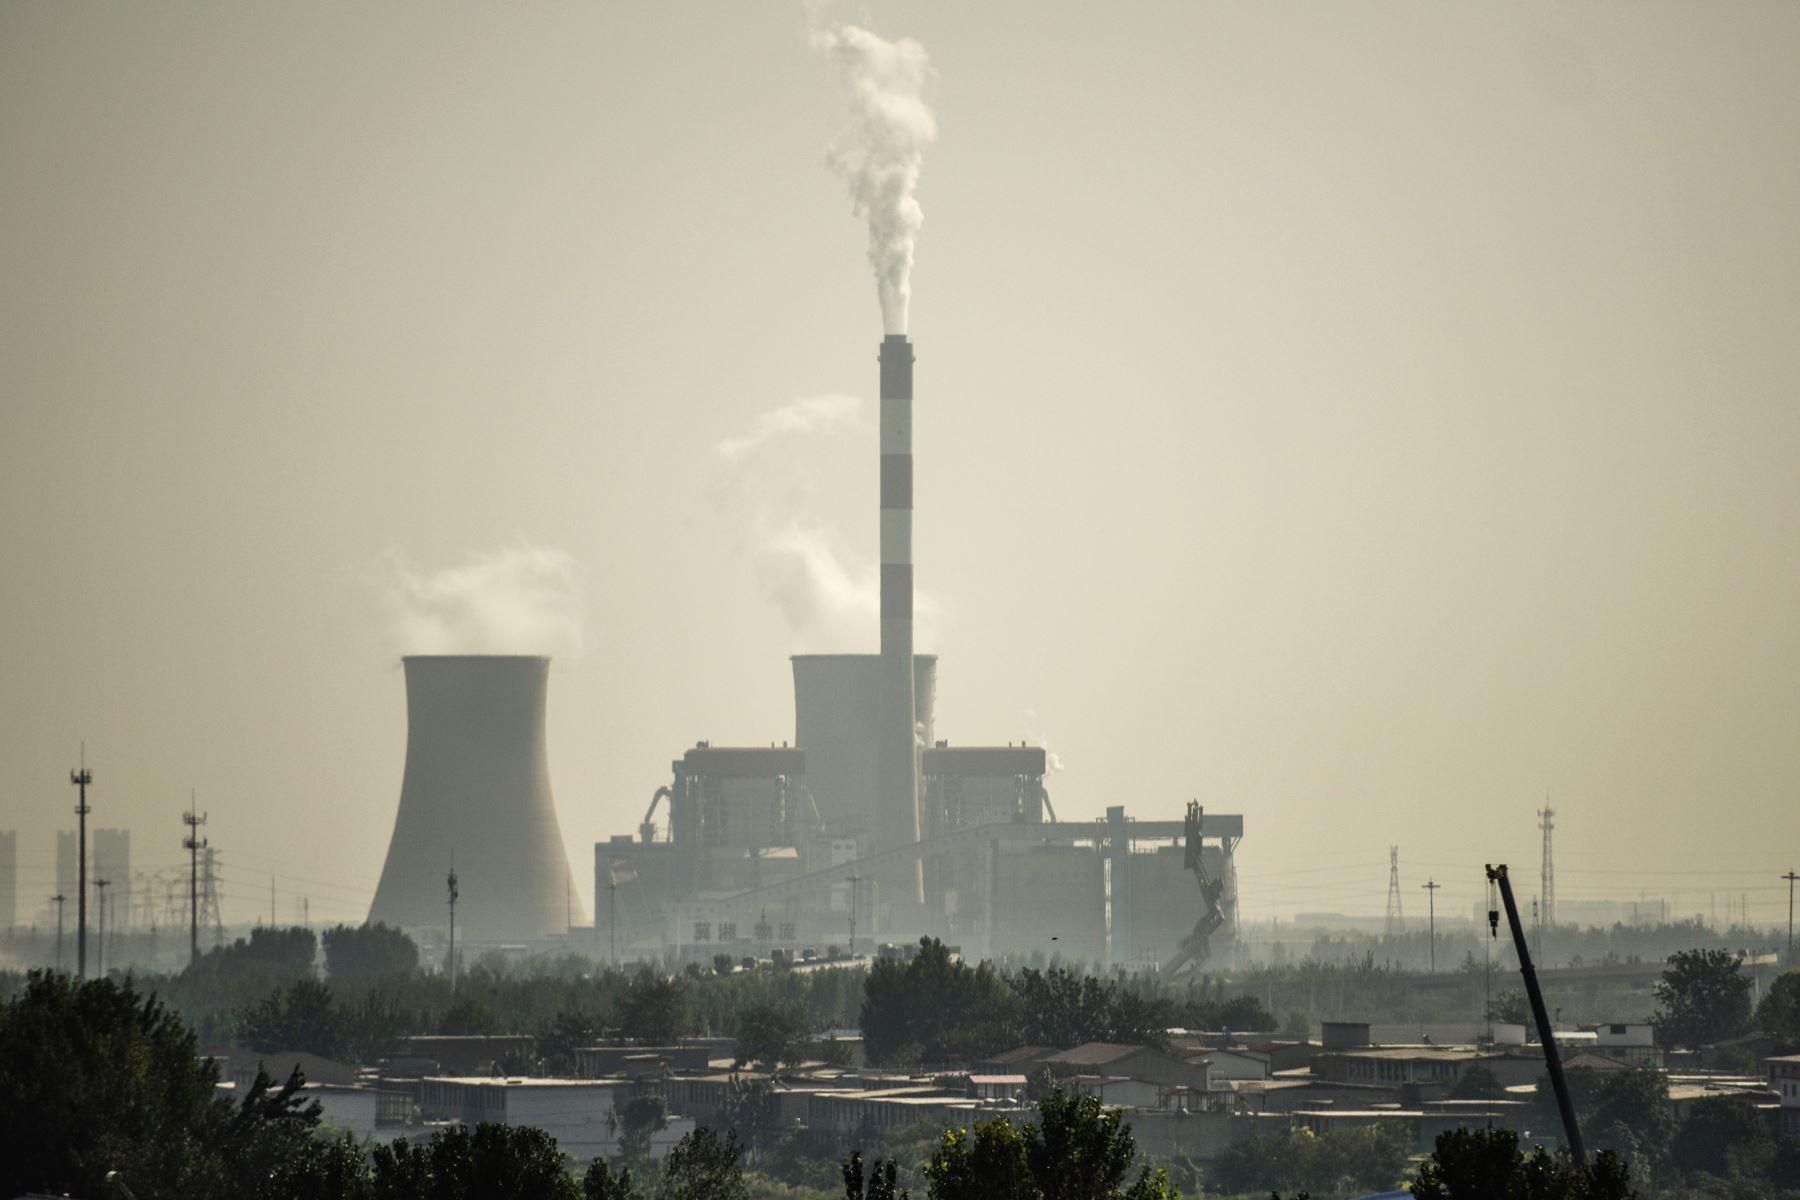 Esta fotografía tomada el 25 de septiembre de 2015 muestra una fábrica en las afueras de Shijiazhuang en la provincia china de Hebei, calificada como la ciudad más contaminada de China. Foto: AFP